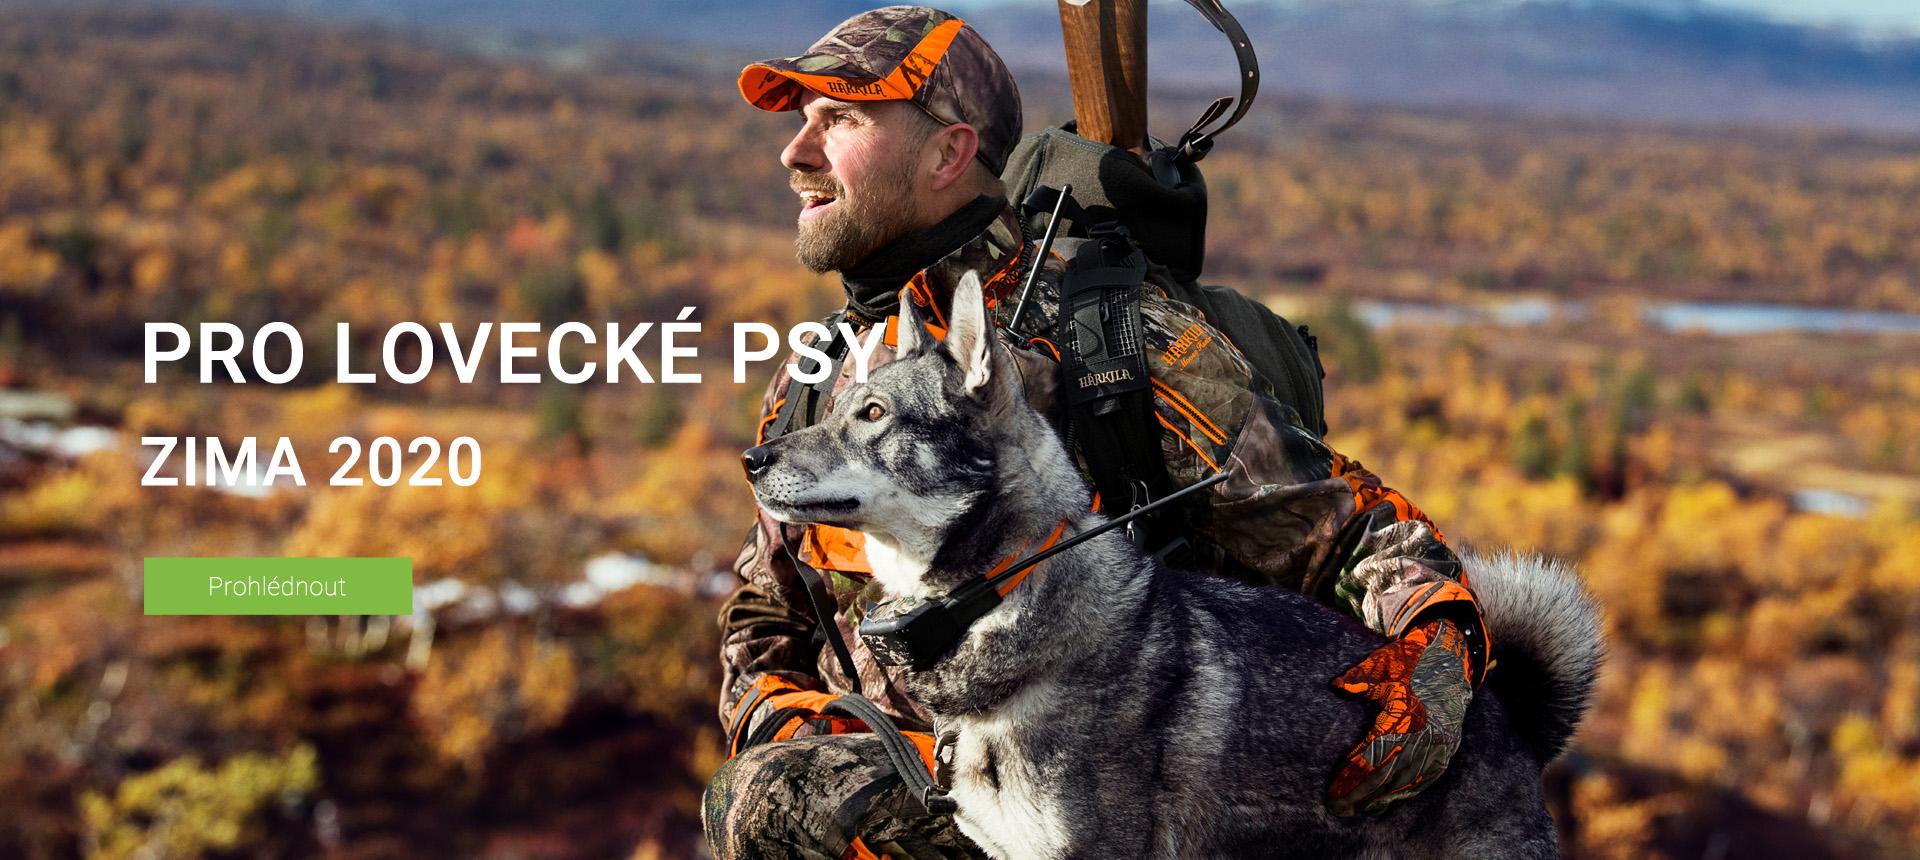 Pro lovecké psy Z20